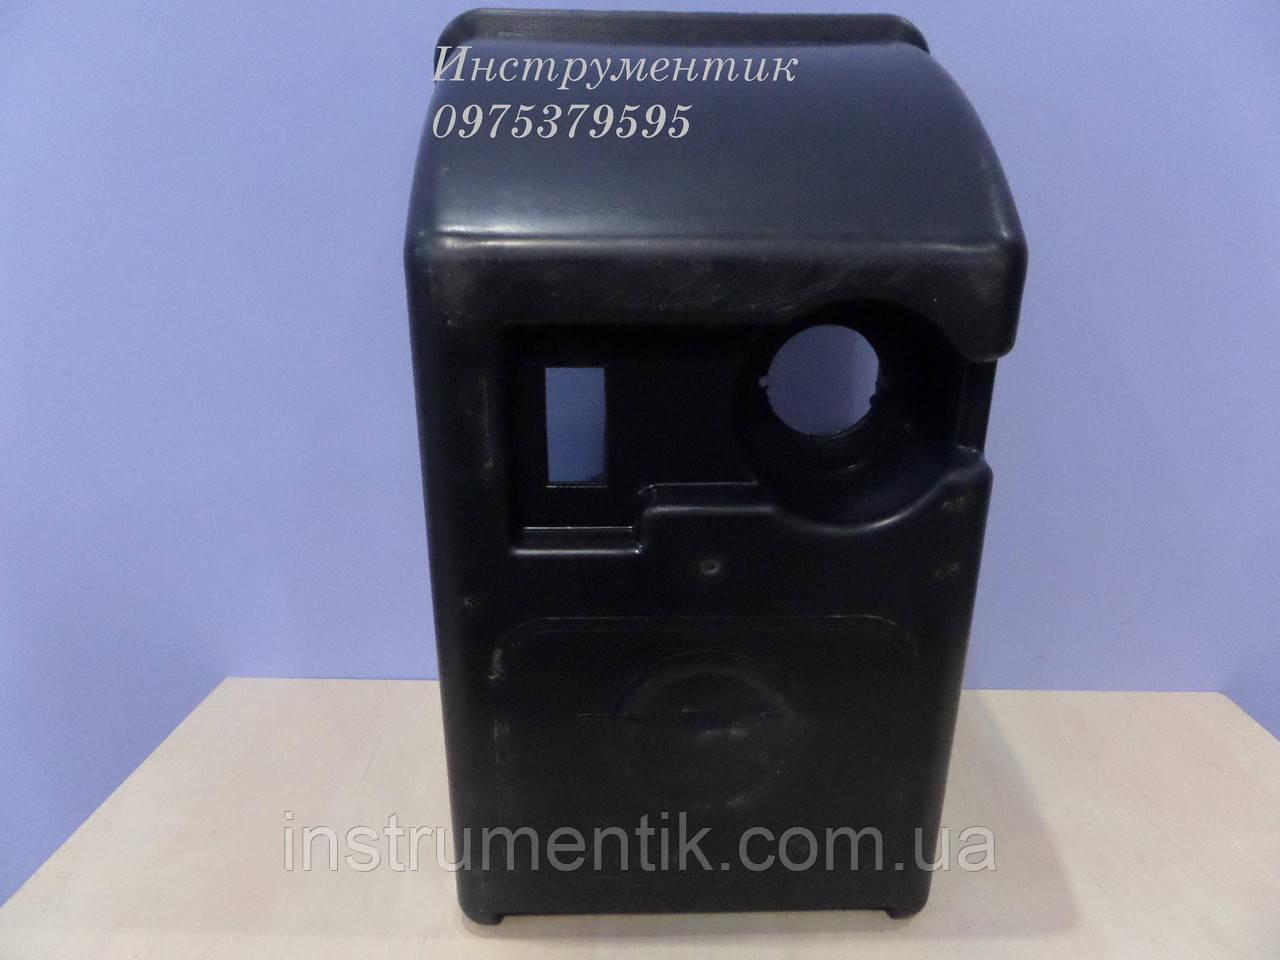 Пластиковый щиток ( коробка ) на двигатель Limex 125 ls